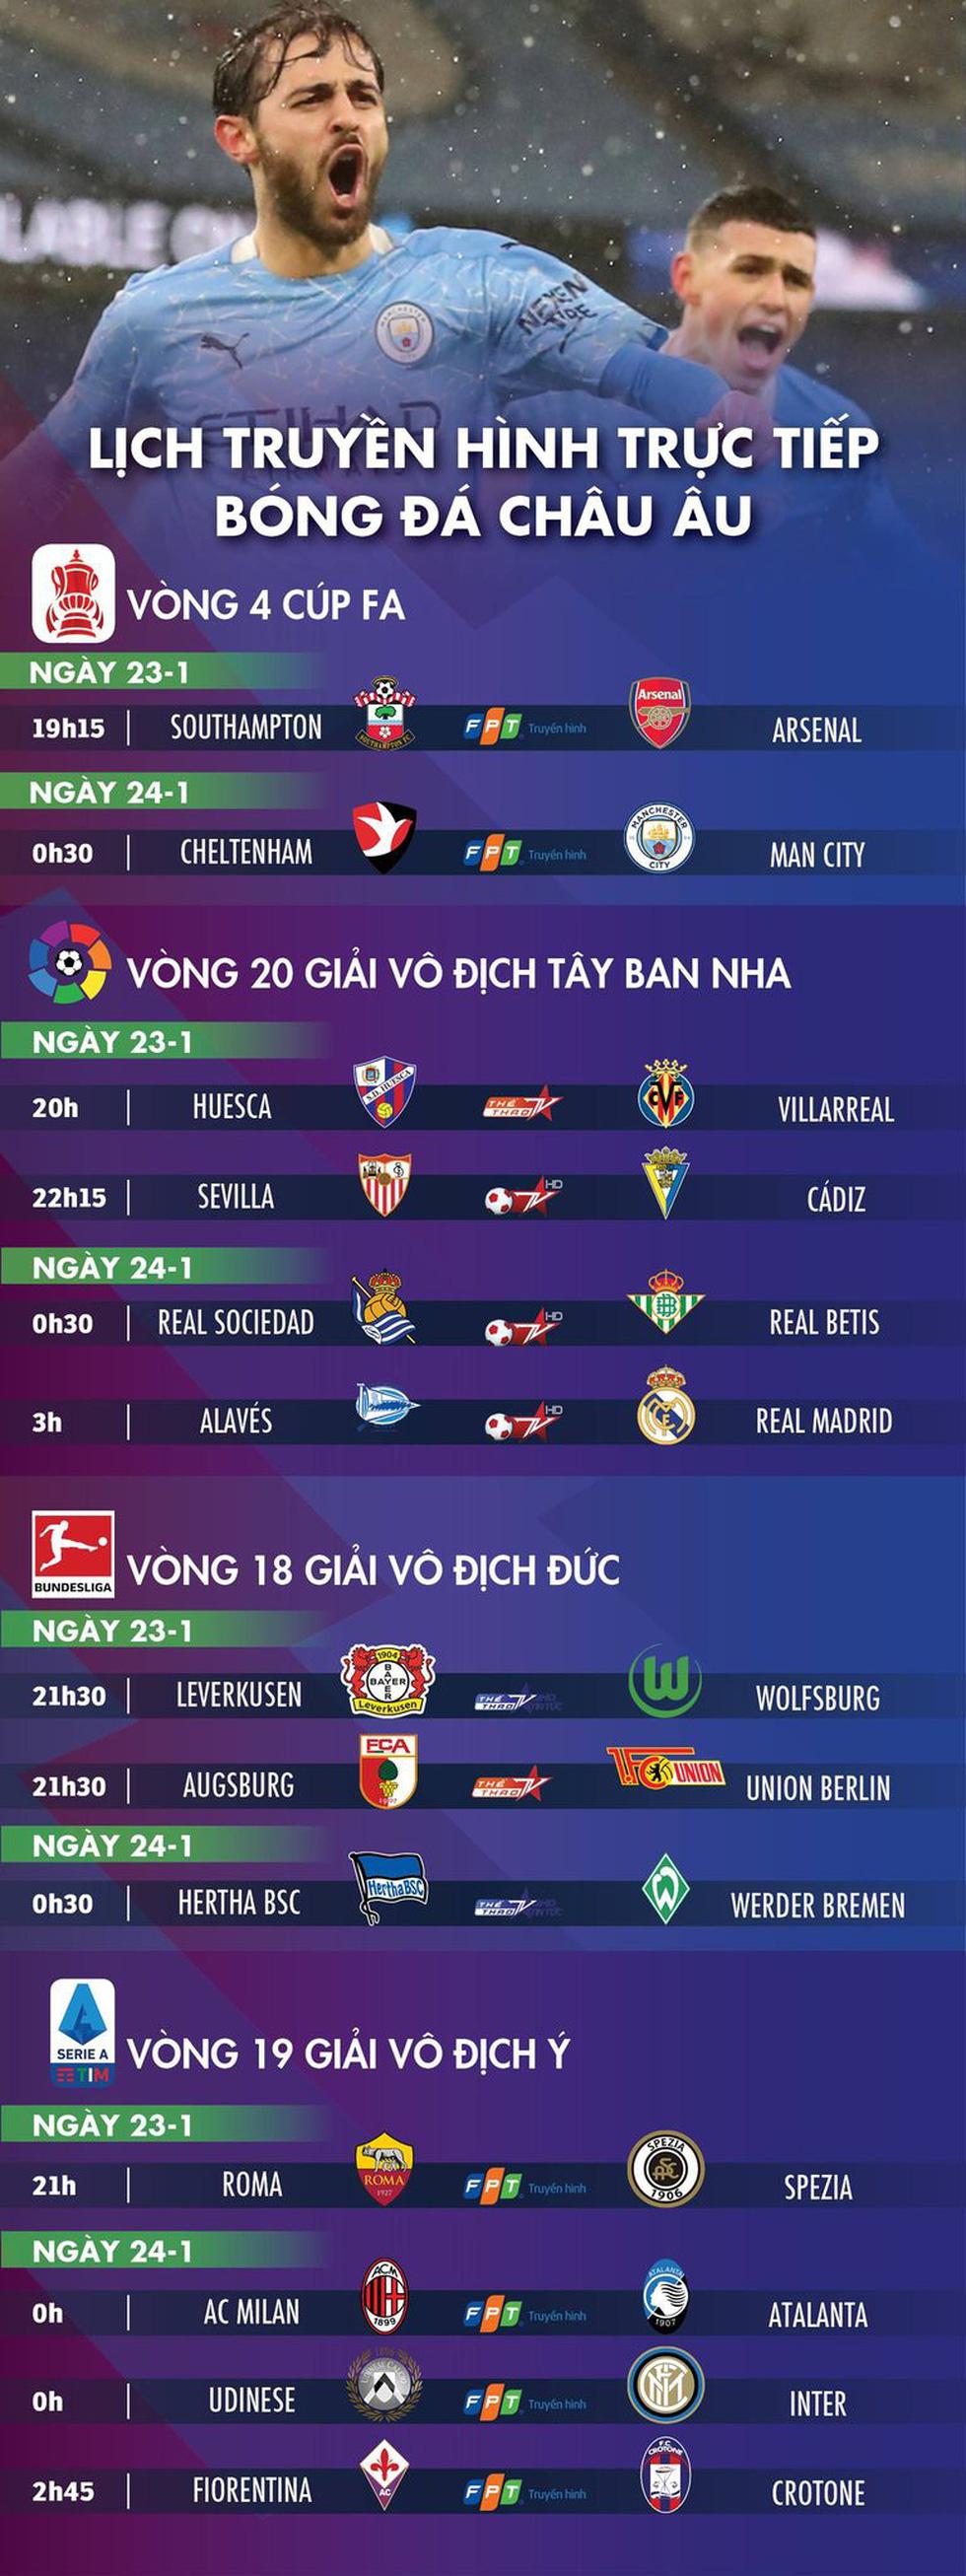 Lịch trực tiếp bóng đá châu Âu 23-1: Real, Man City thi đấu - Ảnh 1.